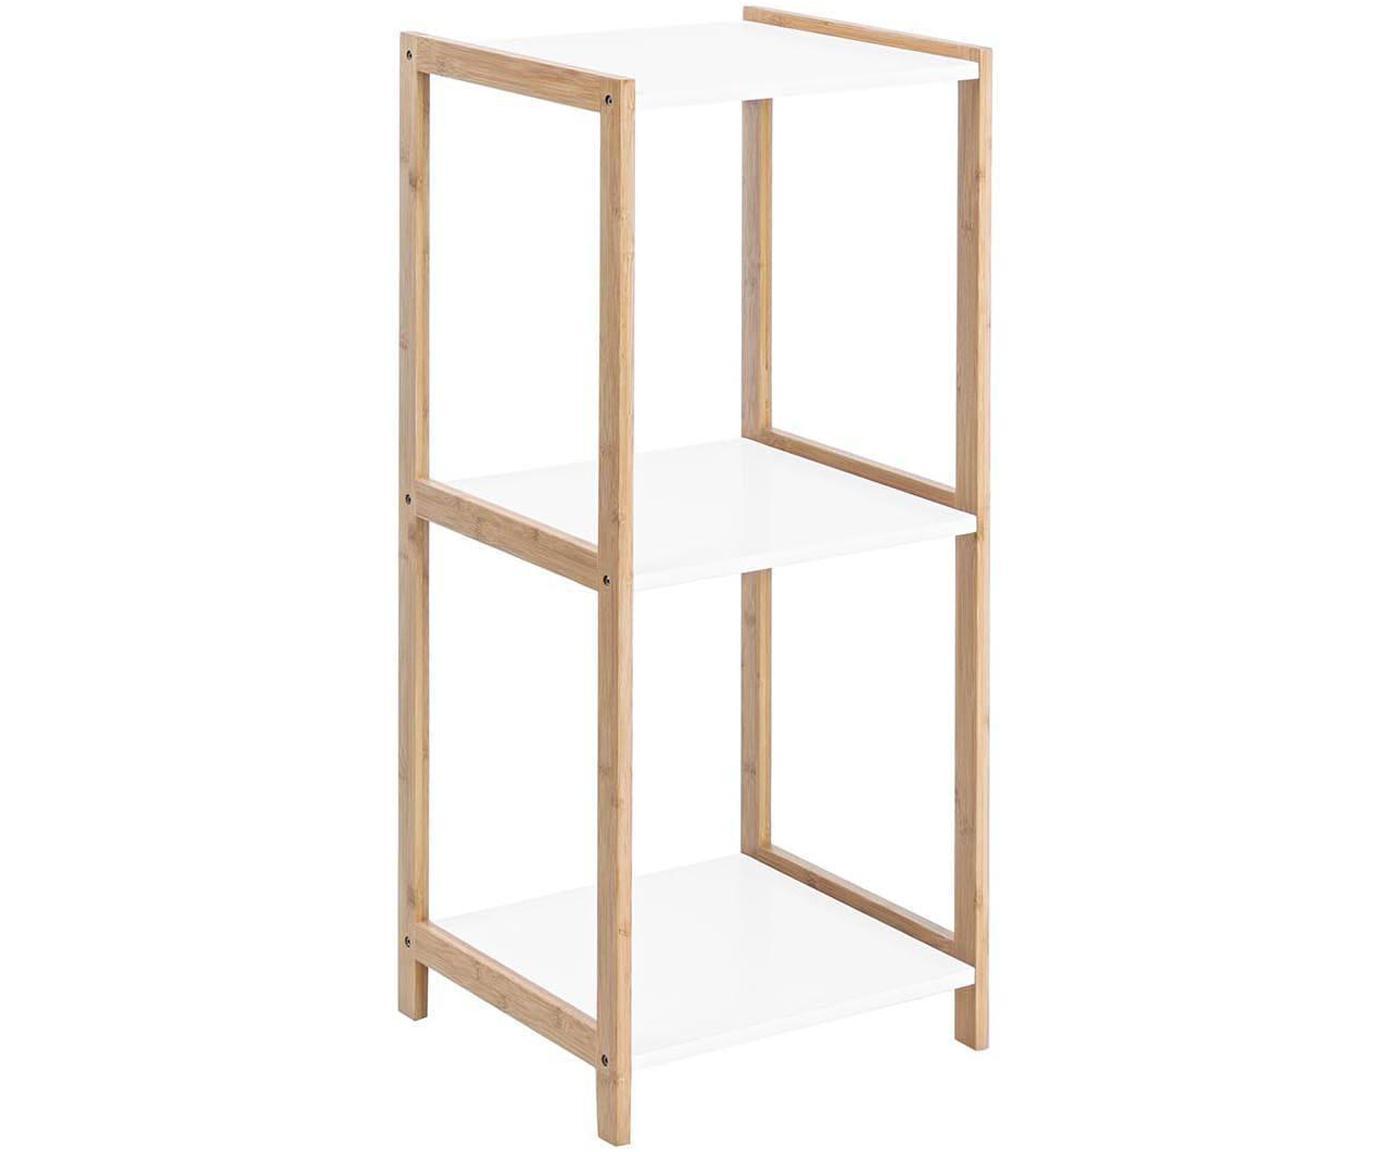 Estantería Brooklyn, Estructura: madera de bambú, Estantes: tablero de fibras de dens, Blanco, beige, An 32 x Al 79 cm